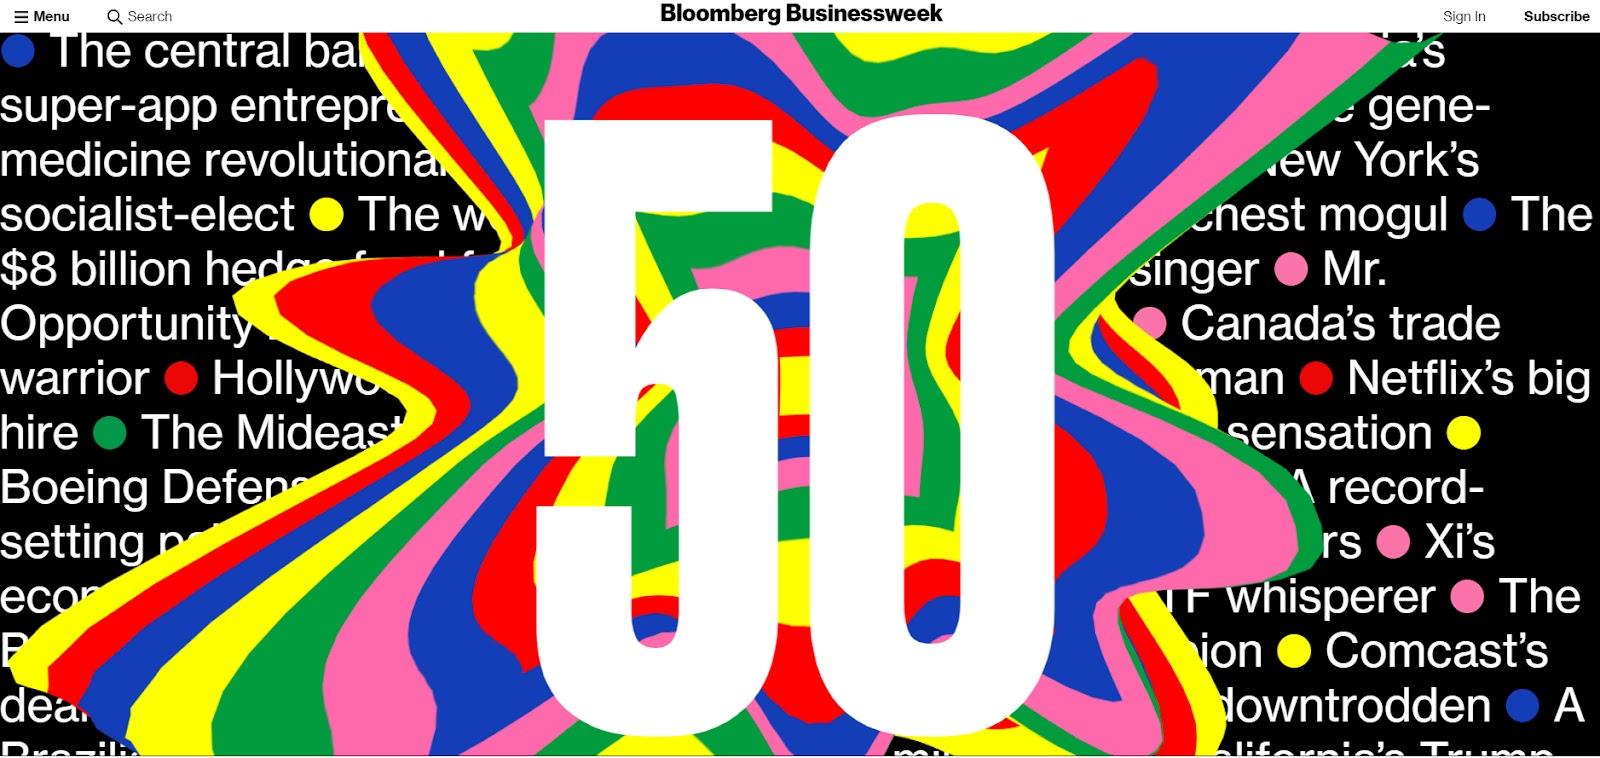 bloomberg50